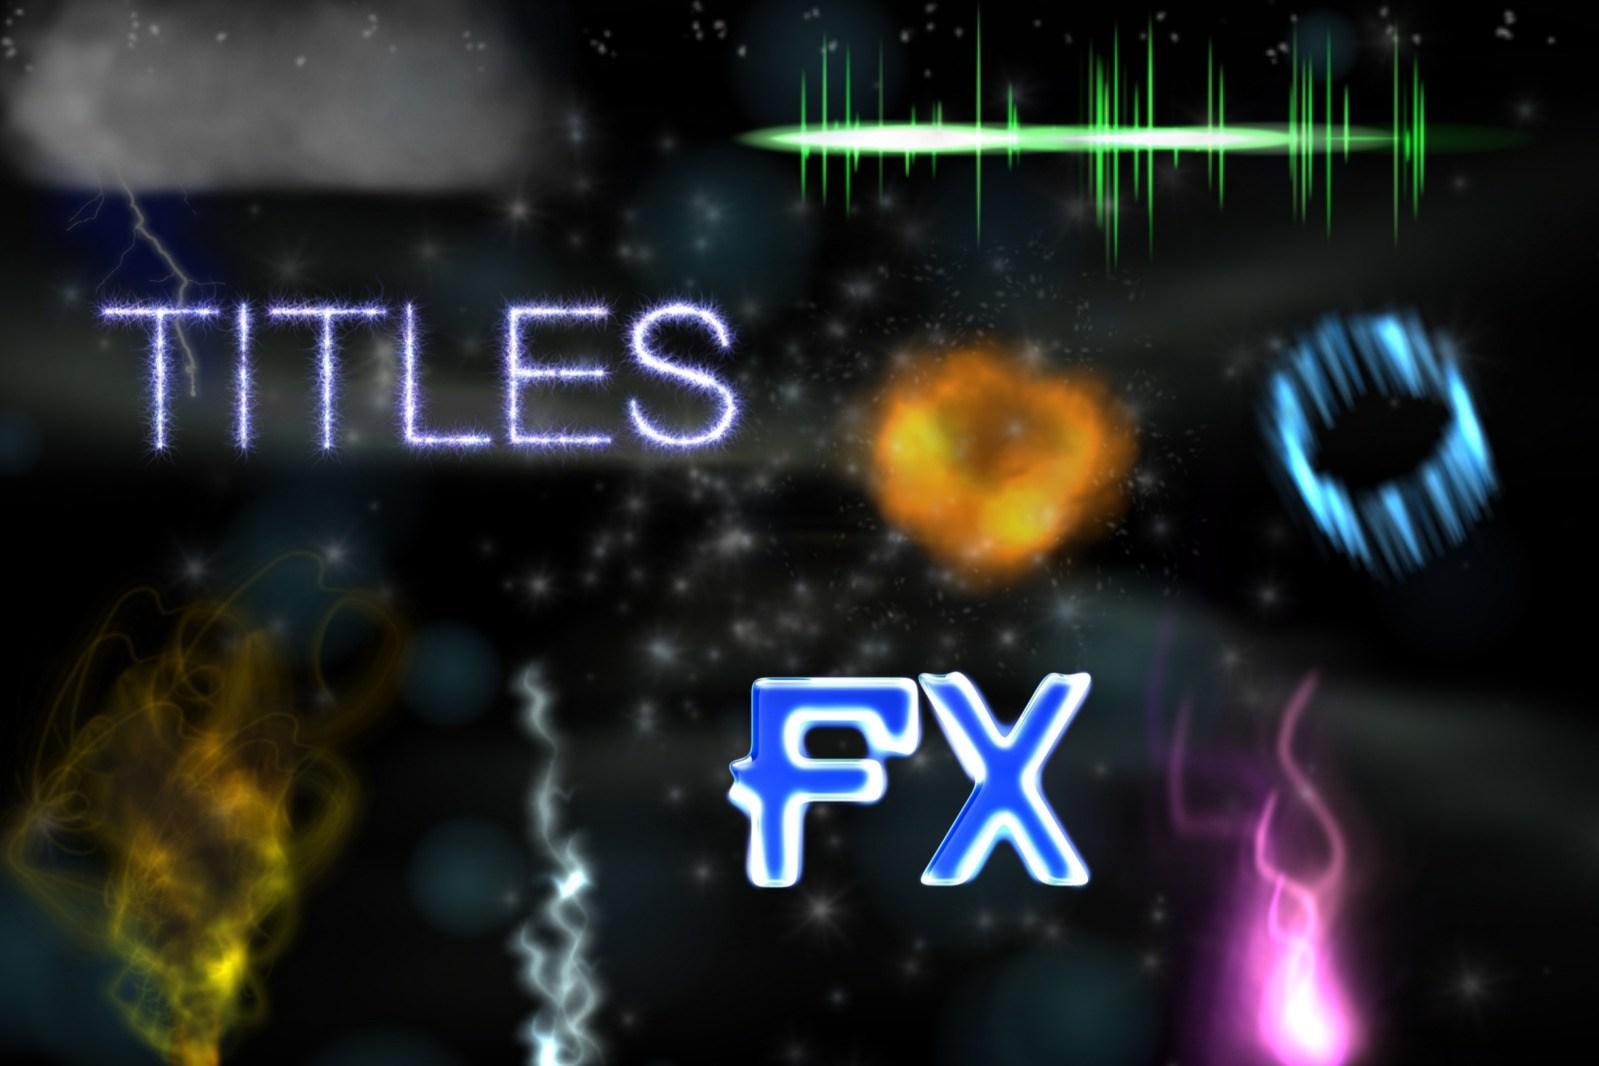 TITLES & FX